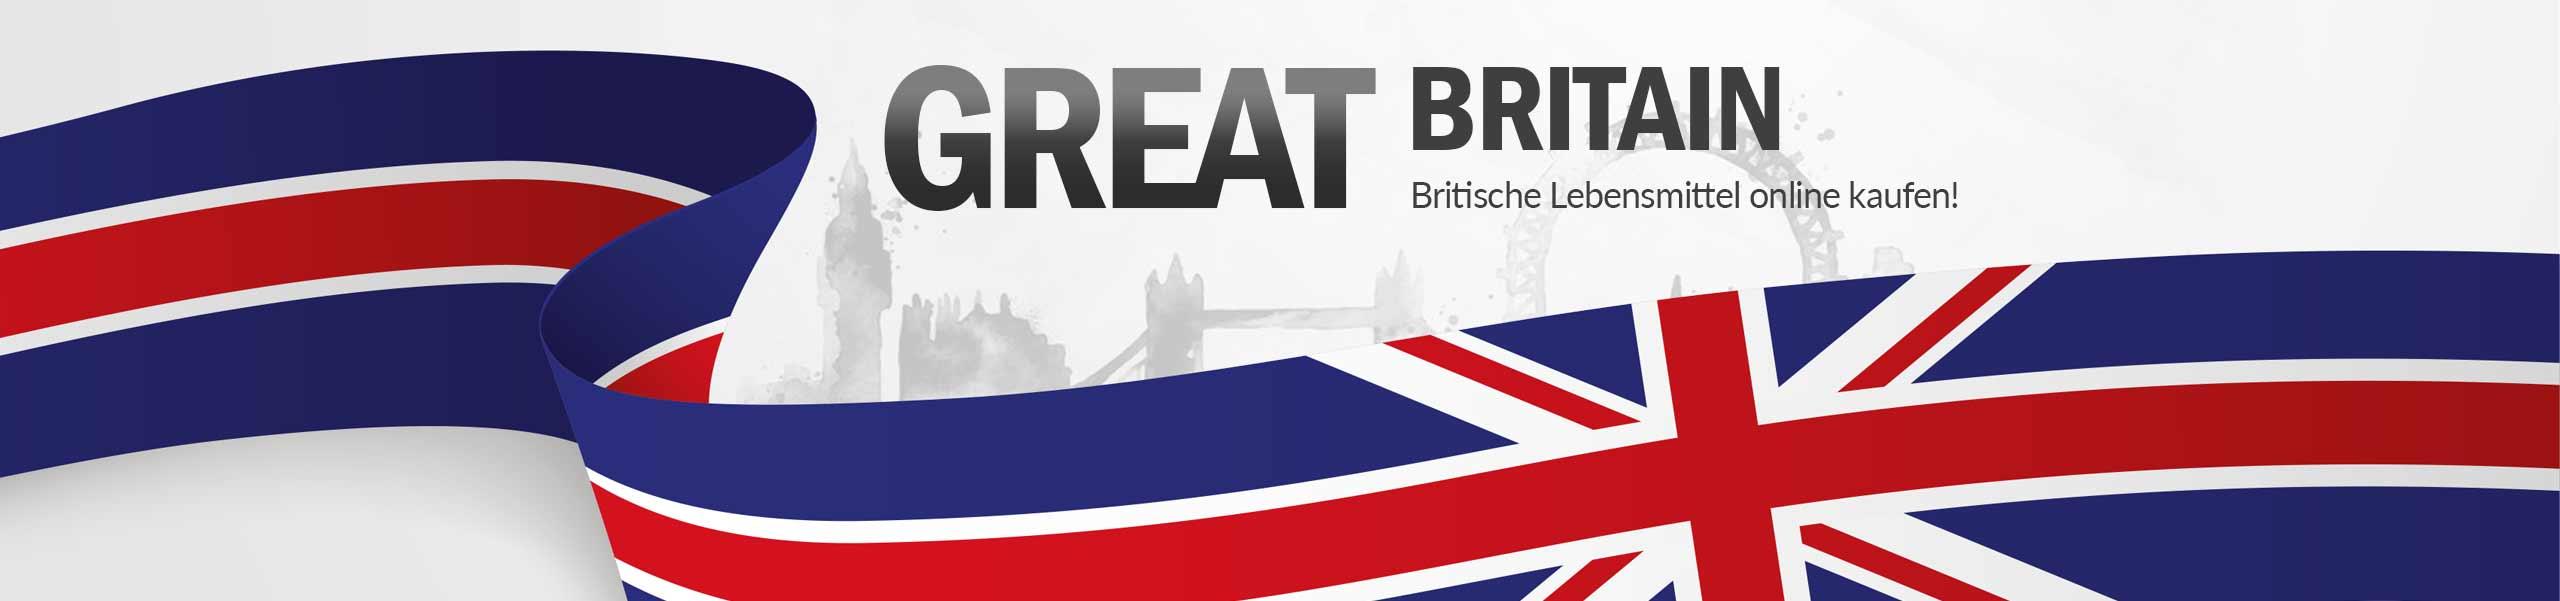 Englische & britische Lebensmittel online kaufen  British Shopping